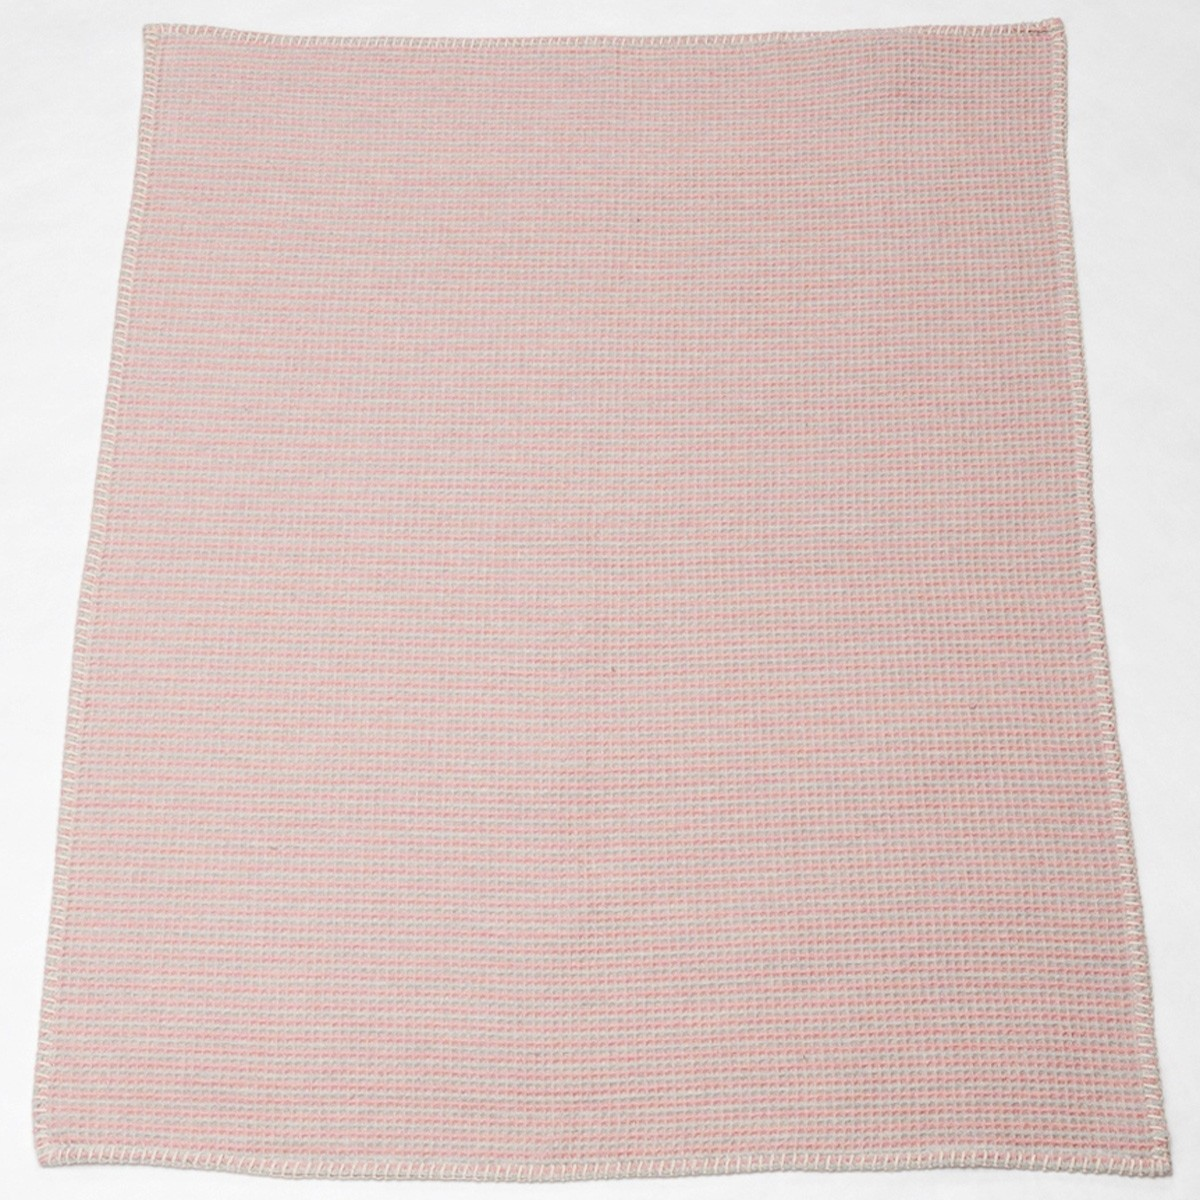 Κουβέρτα Fleece Αγκαλιάς David Fussenegger Lido 5005/14 72321